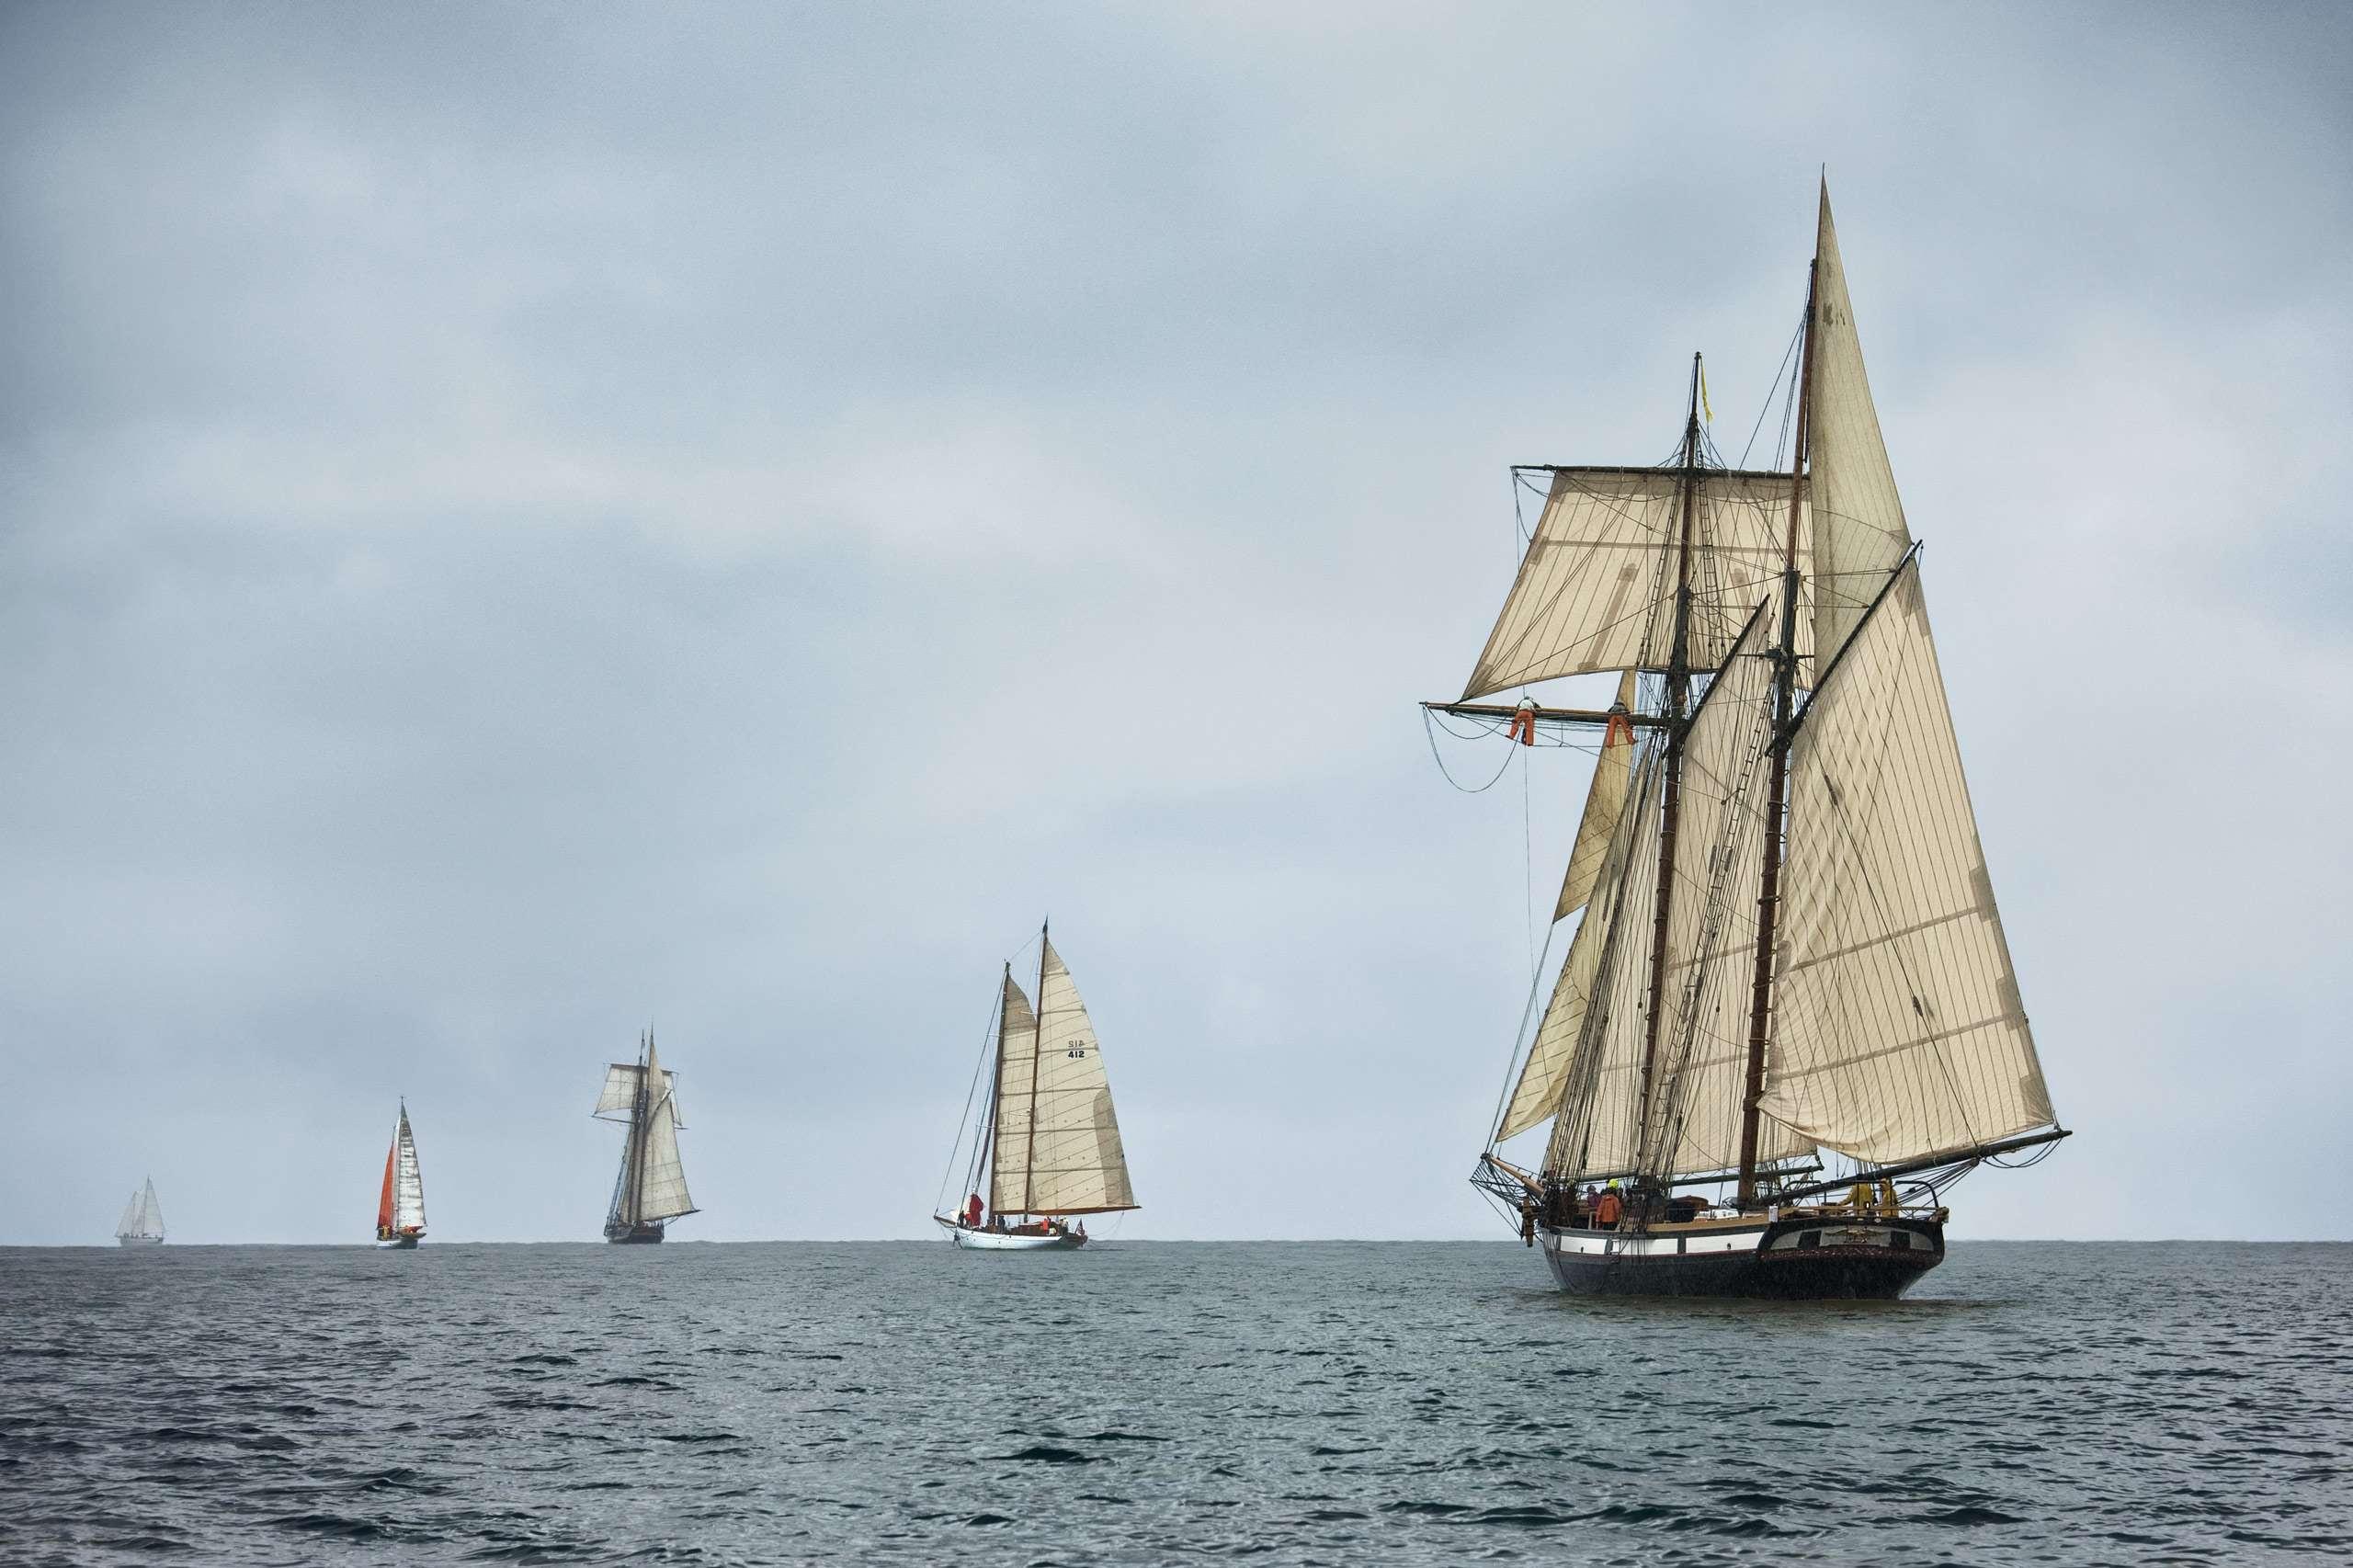 PORTFOLIO - Maritime #4 - PCG595